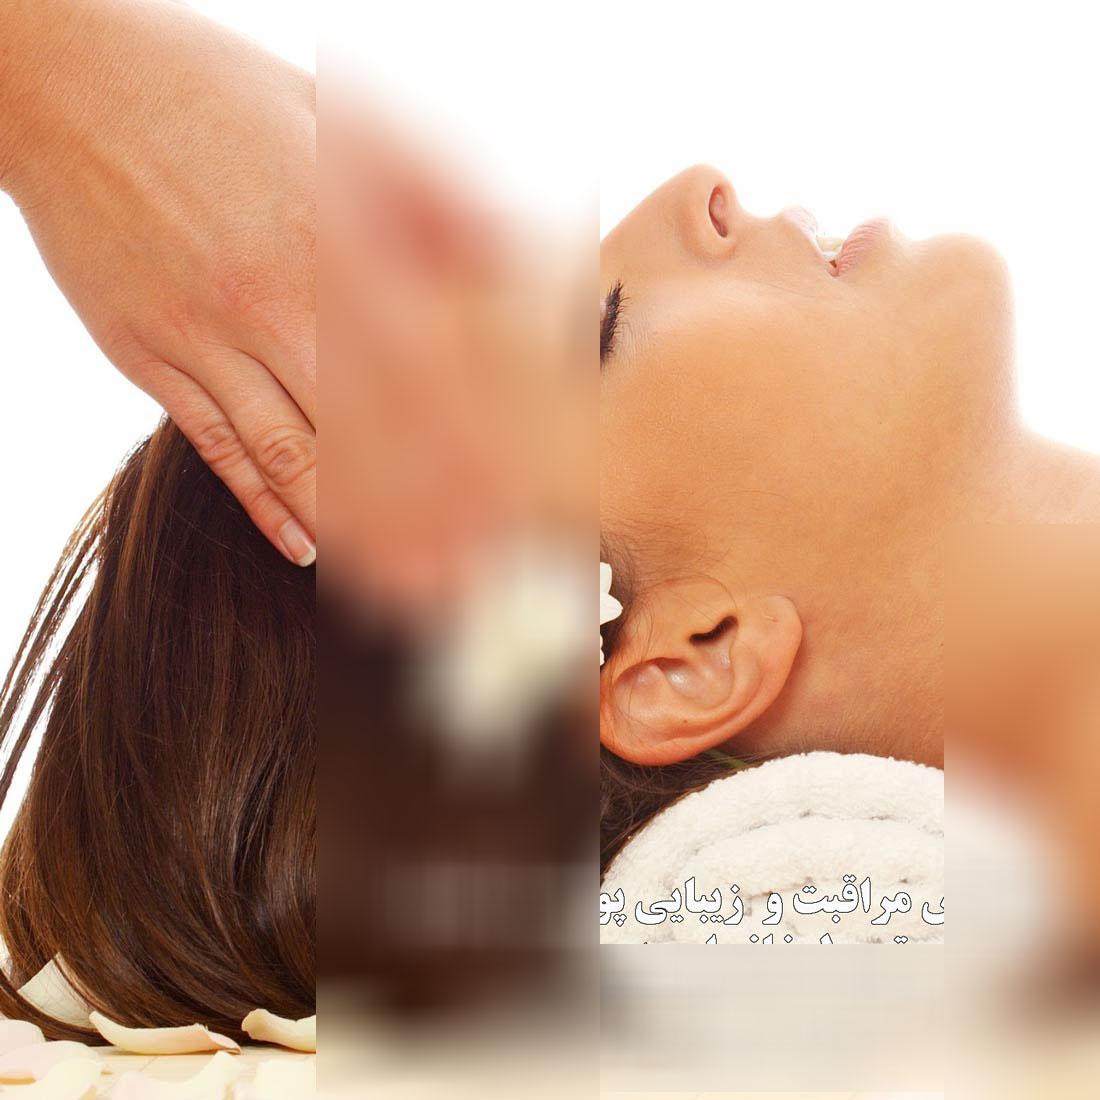 پوست صورت صاف, درمان پوست صورت چرب , پاکسازی پوست صورت چرب , درمان پوست صورت خشک ,تقویت پوست صورت خشک , پوست صورت جوش دار, درمان پوست صورت شل و افتاده